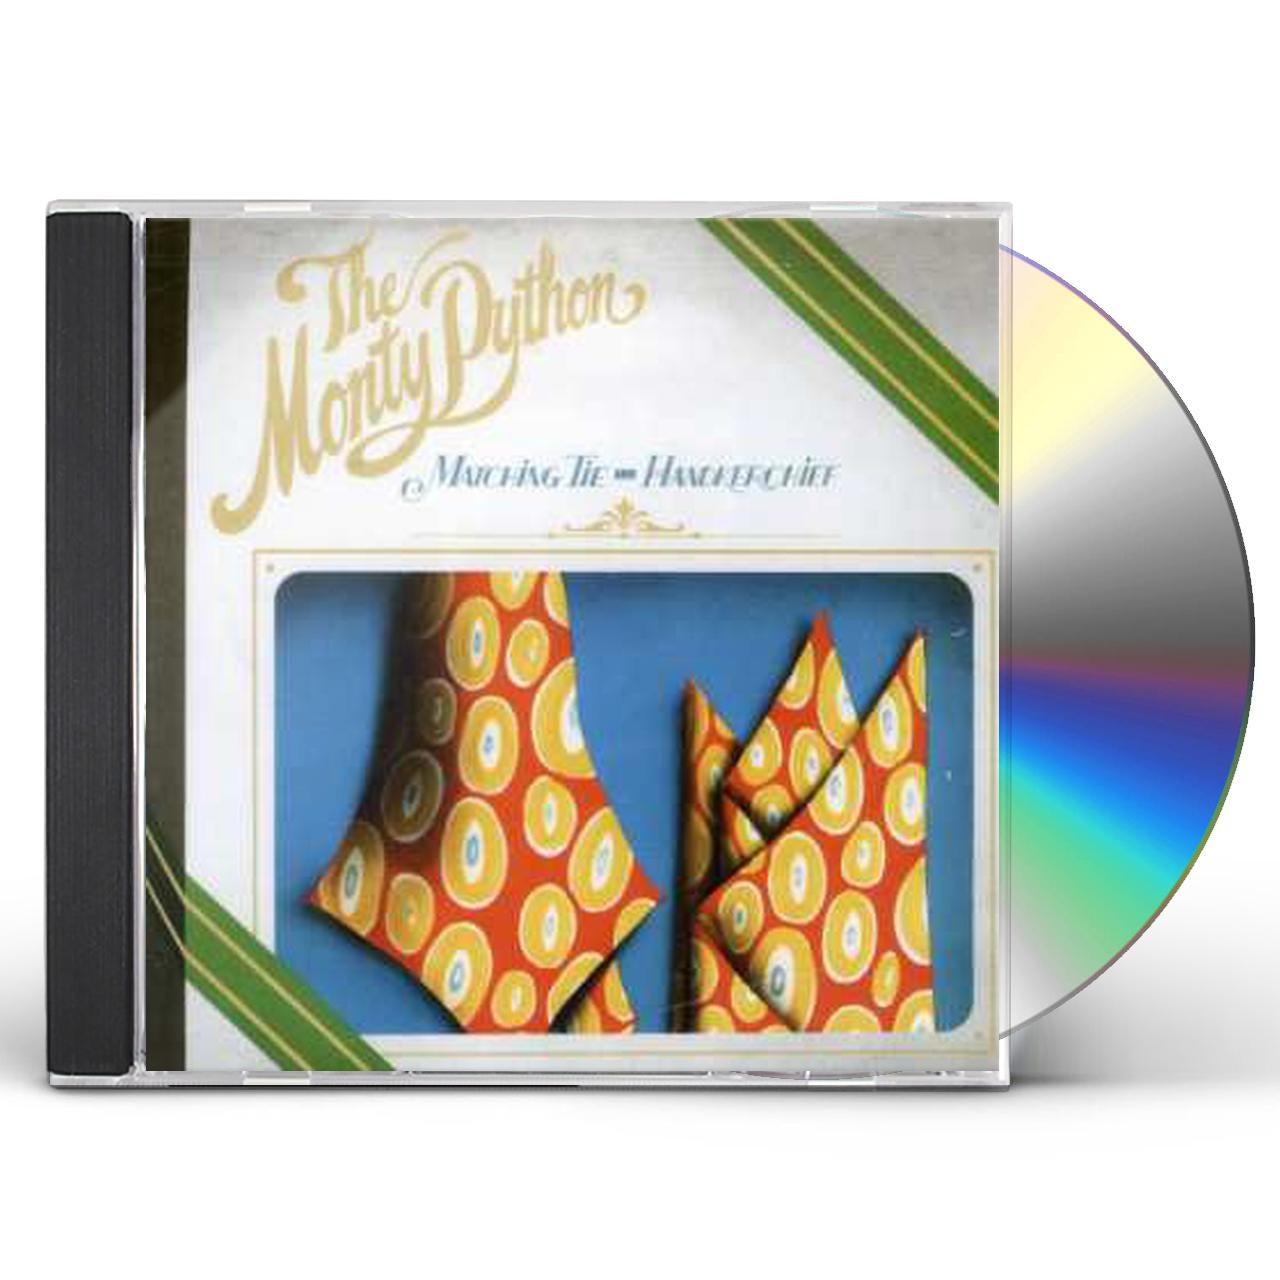 Monty Python MATCHING TIE & HANDKERCHIEF CD